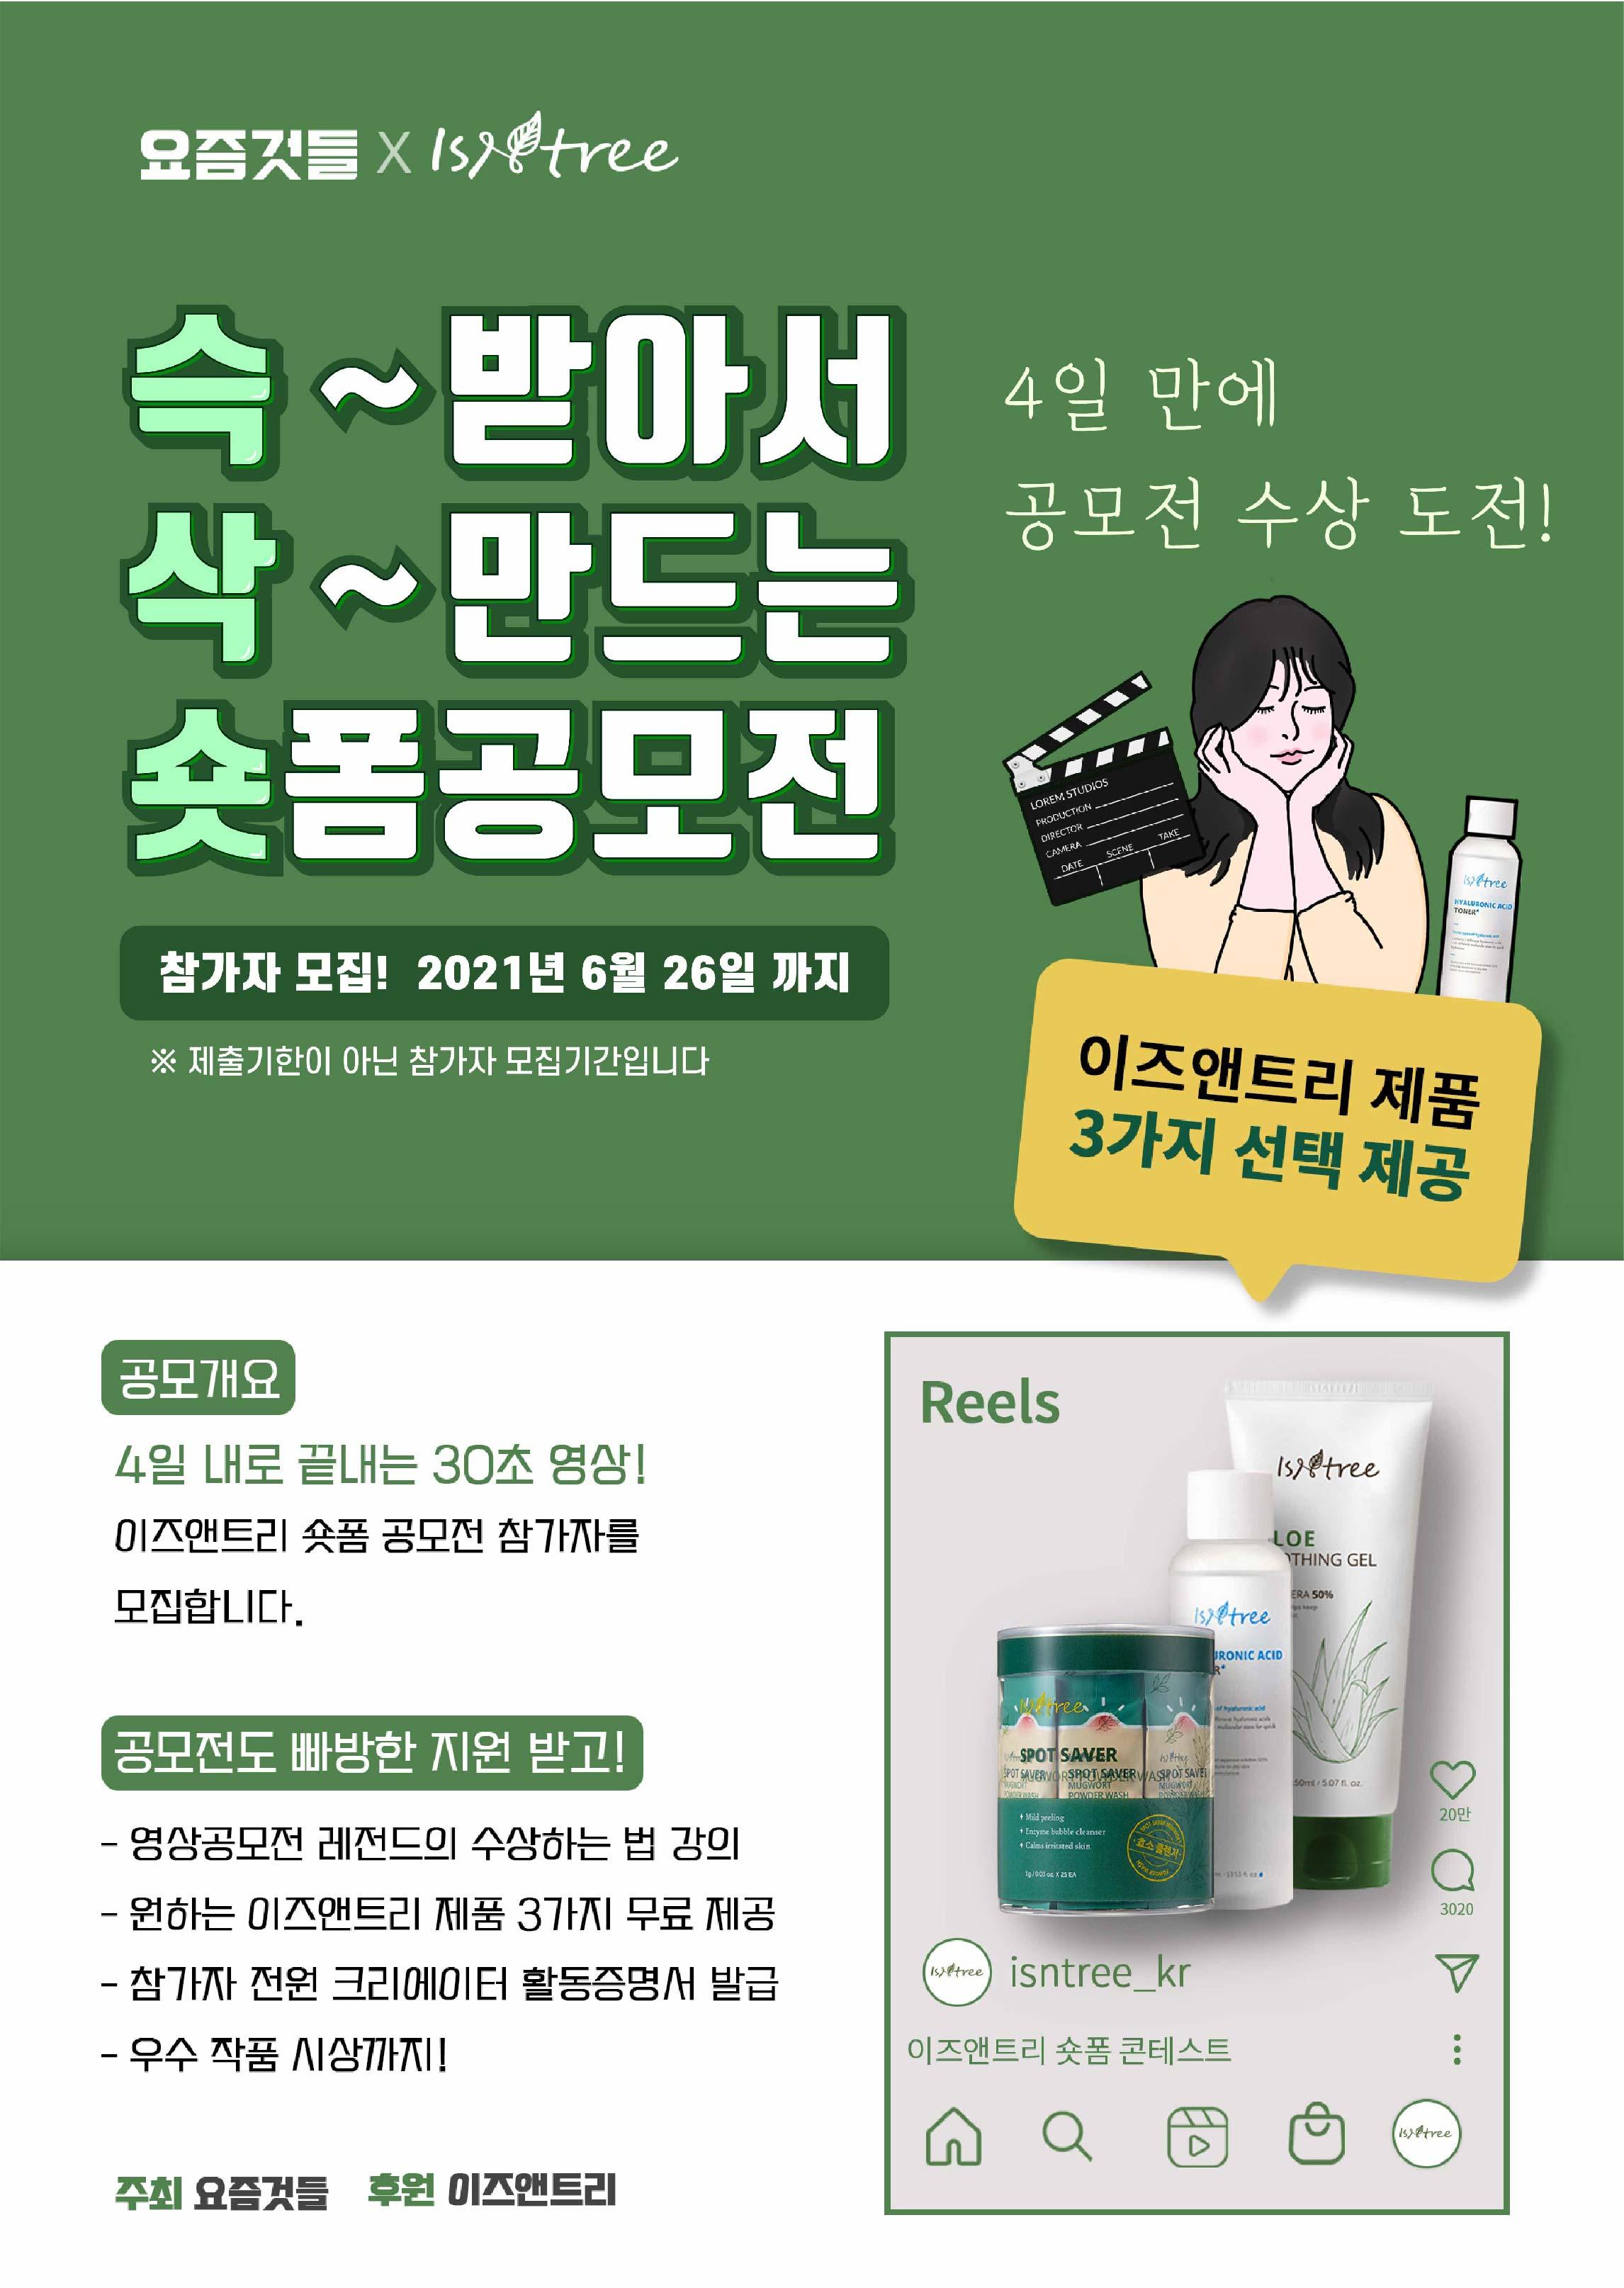 이즈앤트리 슥~삭~ 숏폼 공모전 참가자 모집